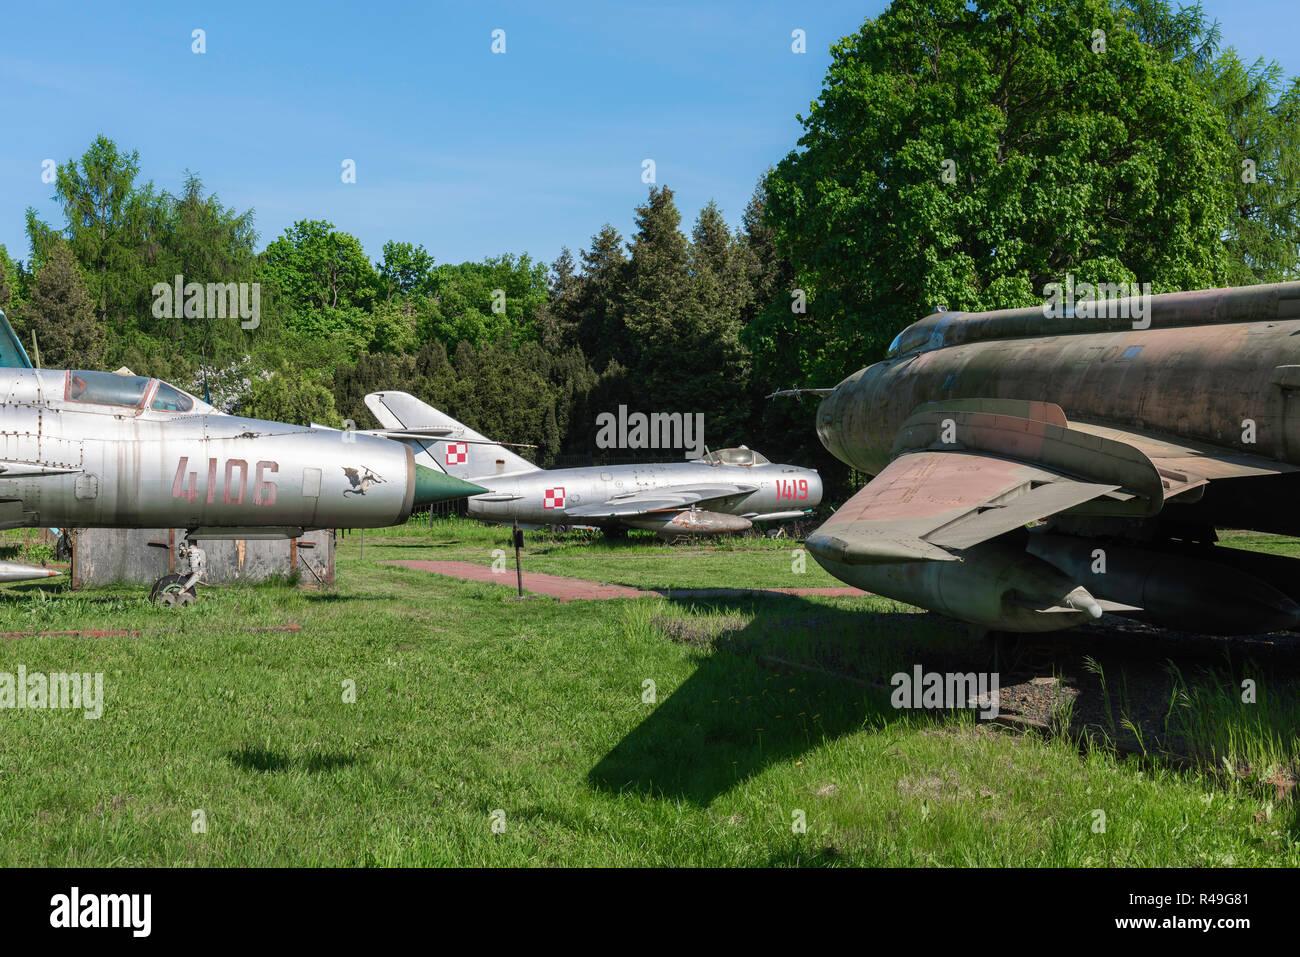 Polonia guerra fría, vista del Pacto de Varsovia era cazas jet aparece en un campo en el Museo de Poznan de armamentos, Polonia. Imagen De Stock